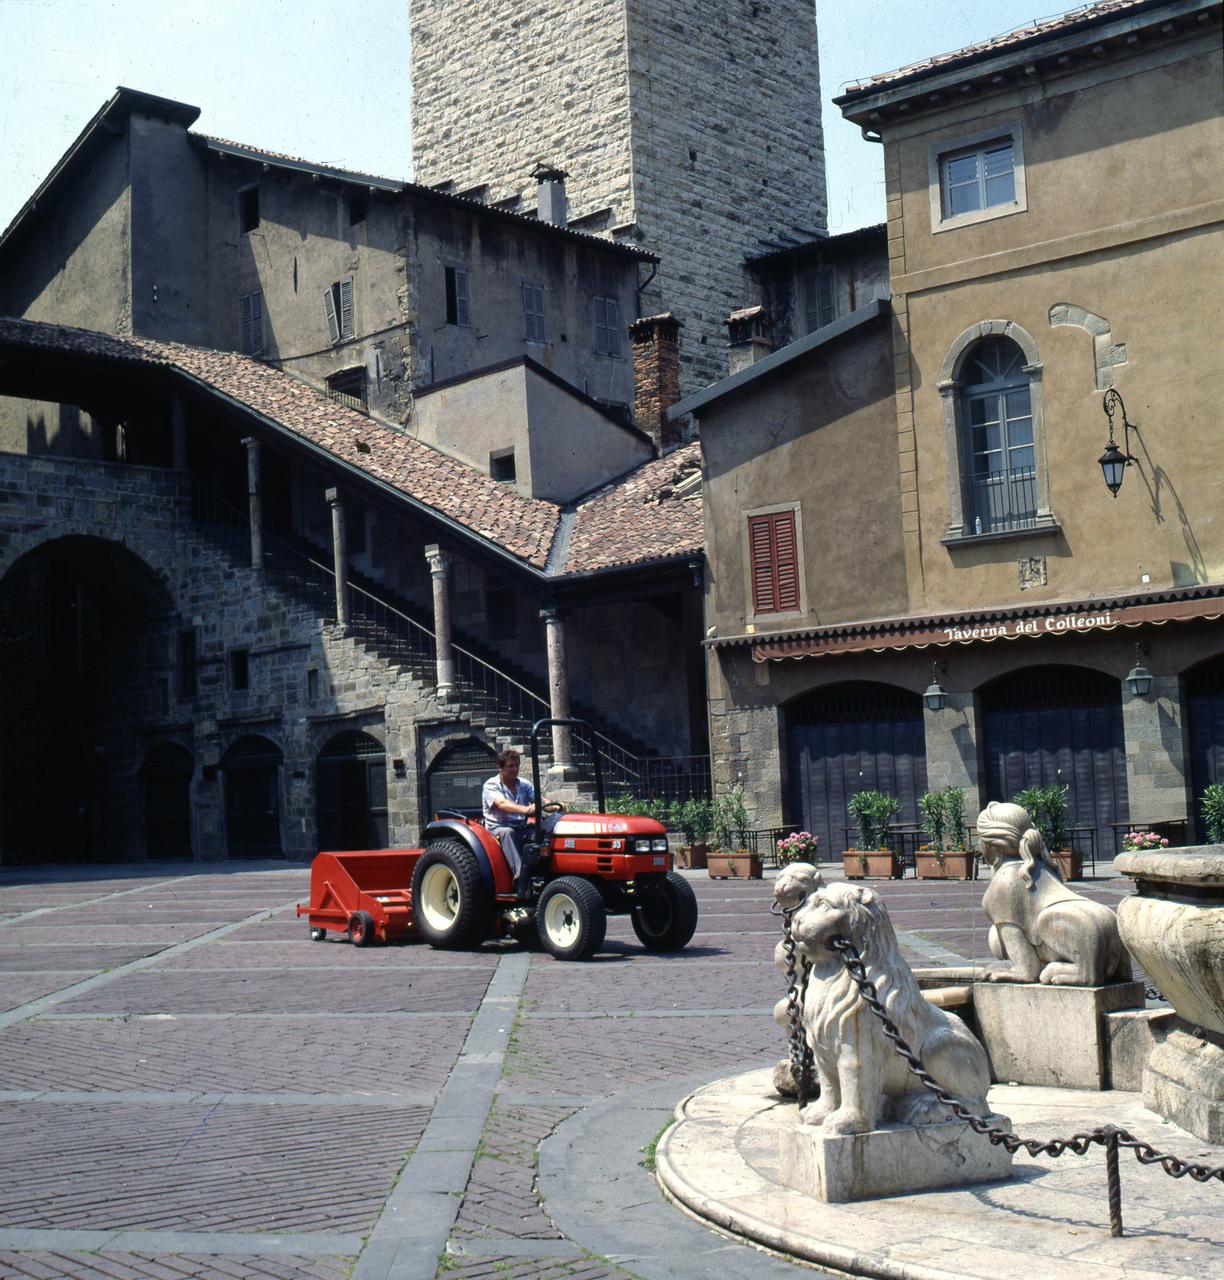 [SAME] trattore Solaris 35 in Piazza Vecchia a Bergamo Alta